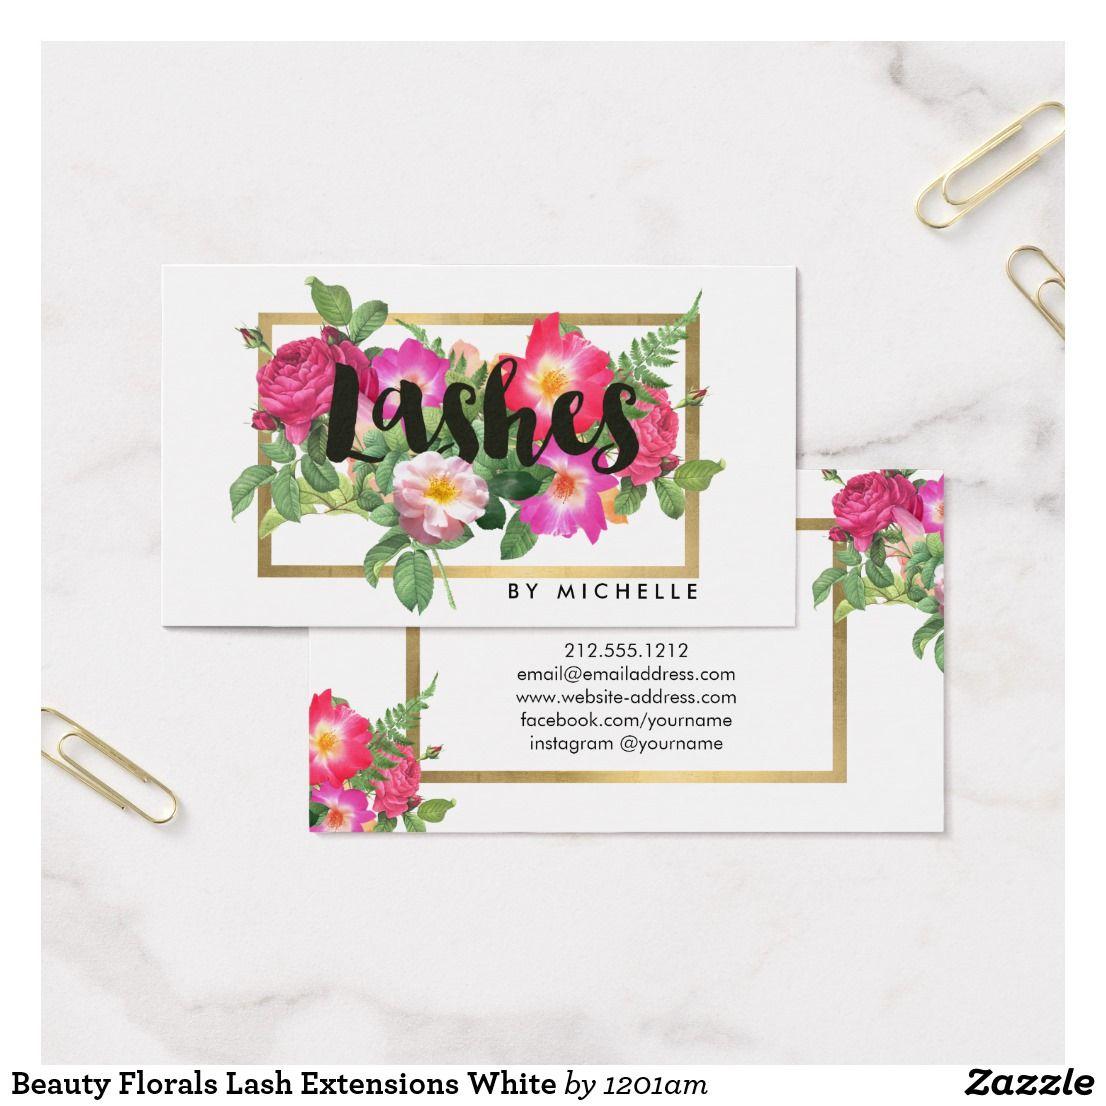 eyelash business cards free